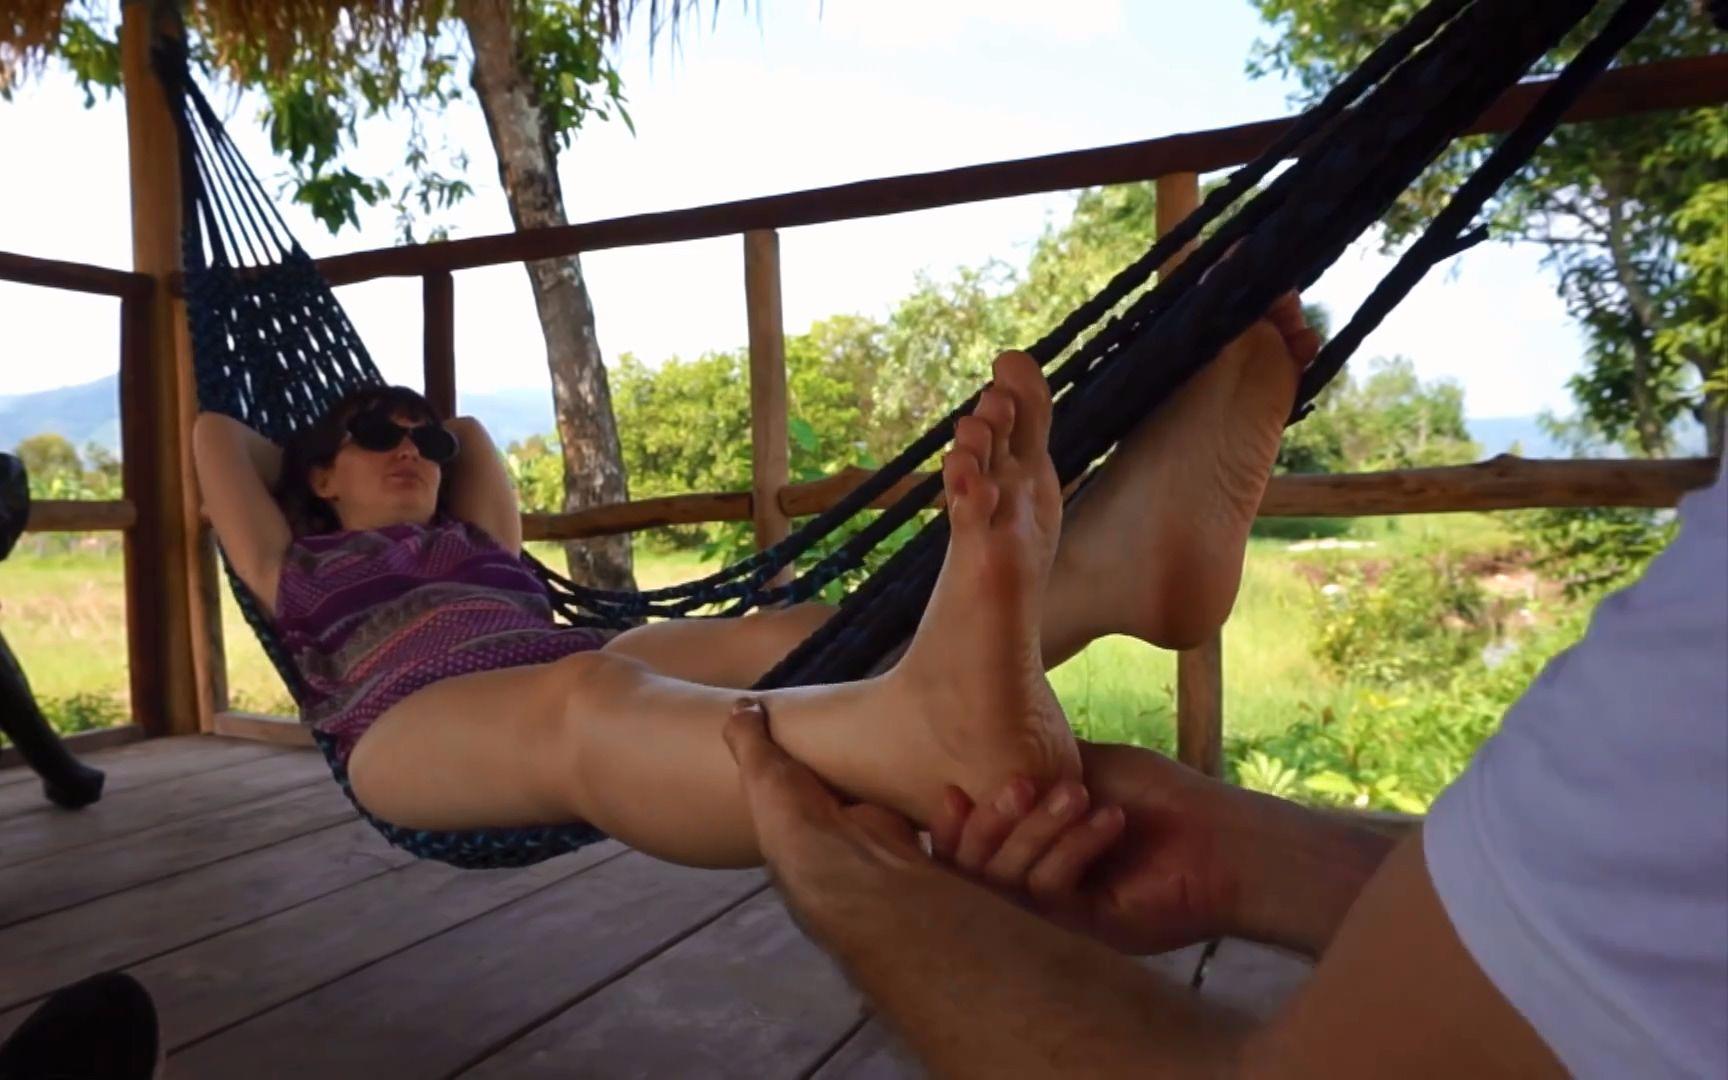 足底按摩 - The most chilled Oil Foot massage on a hammock